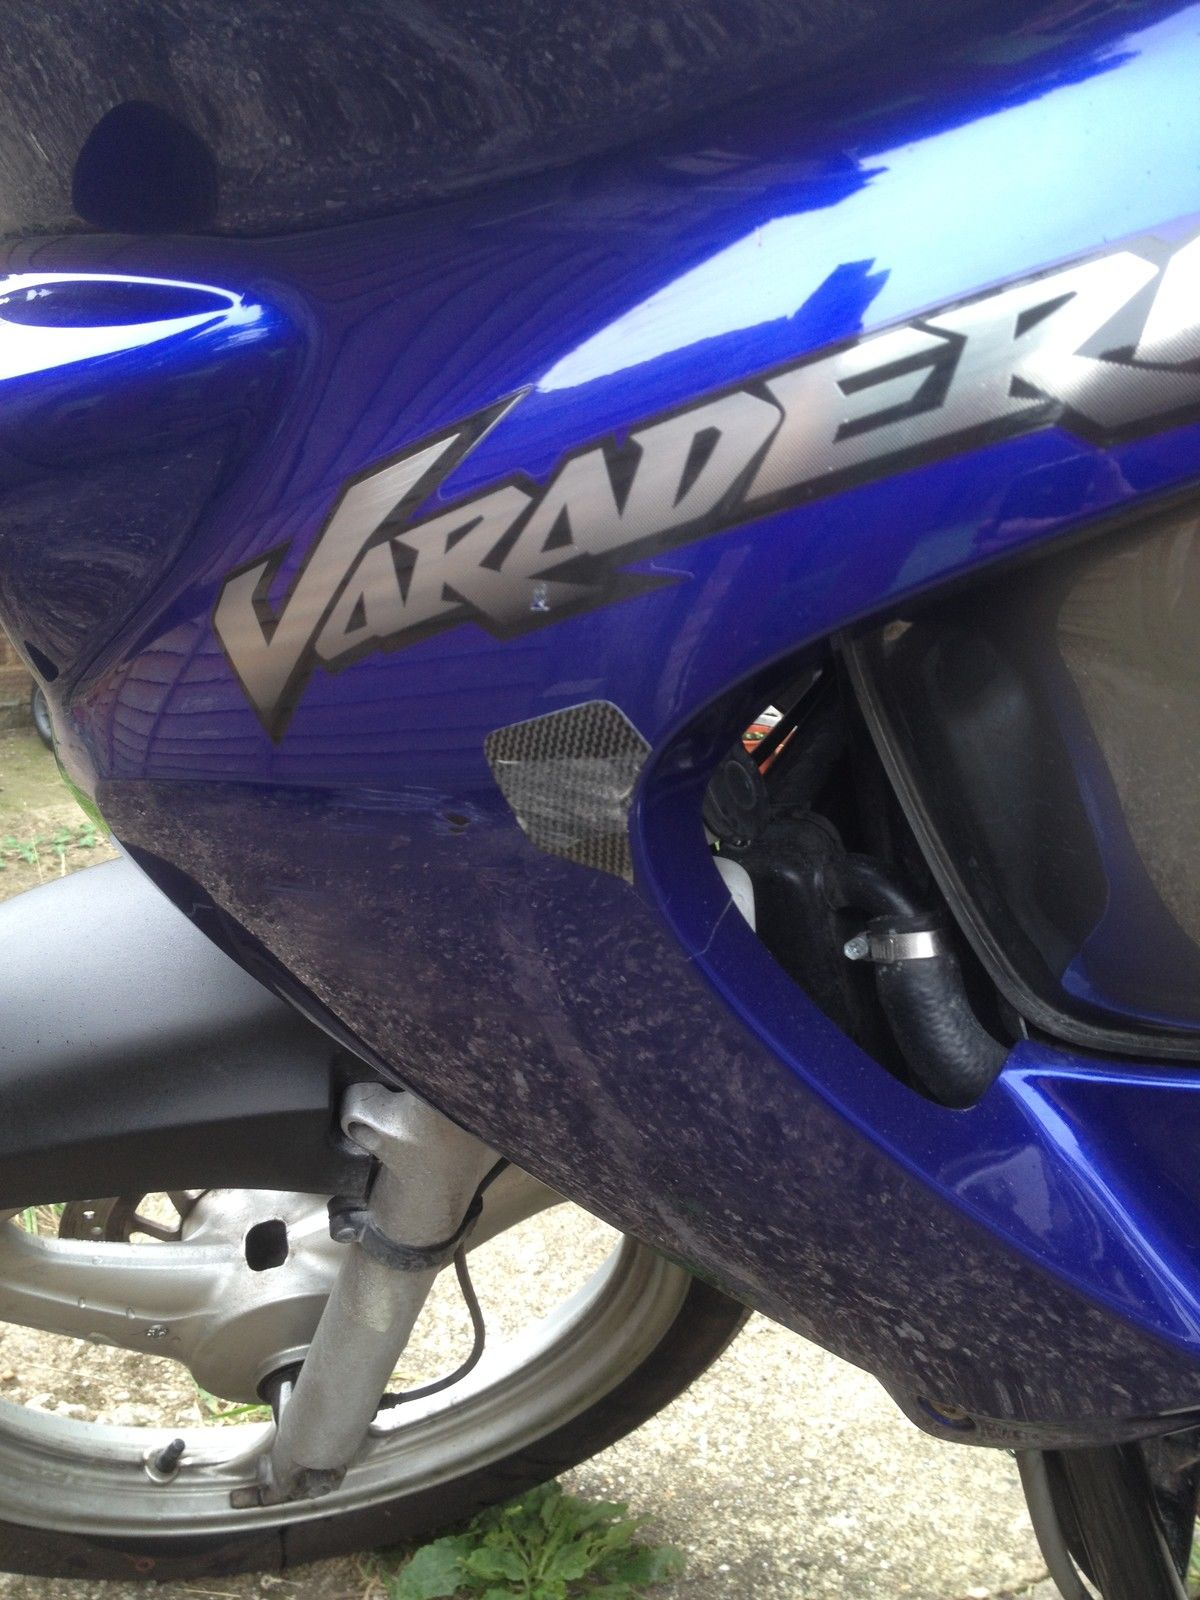 vic roads motorcycle learners handbook